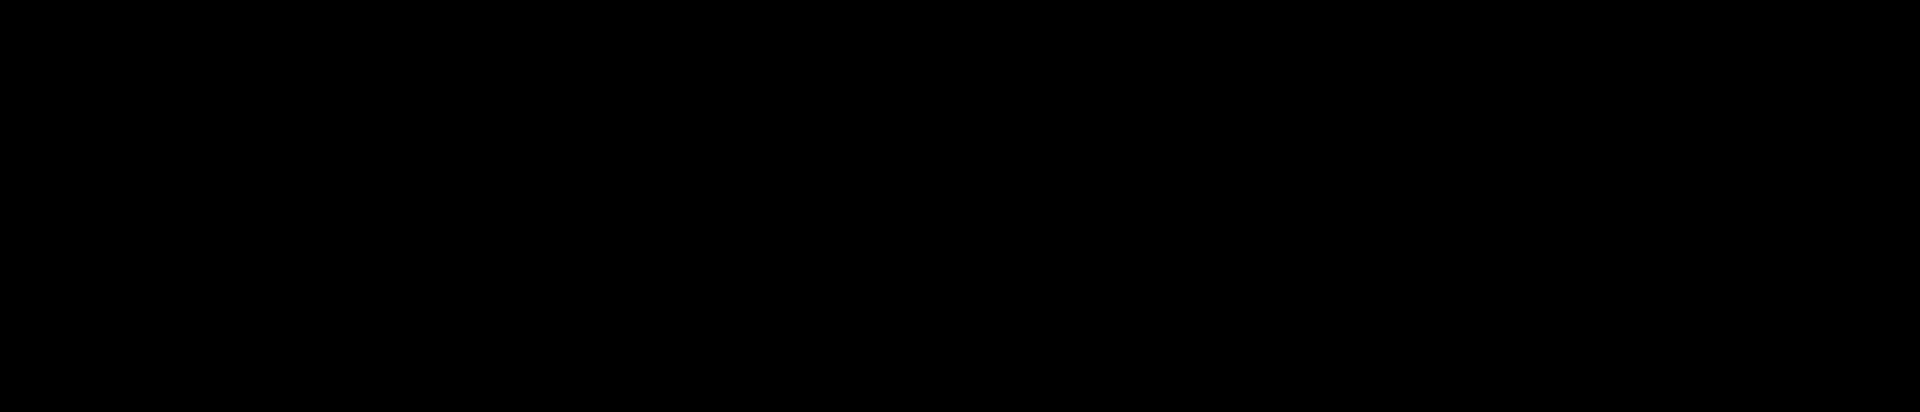 oceanlegacy_logo_2019